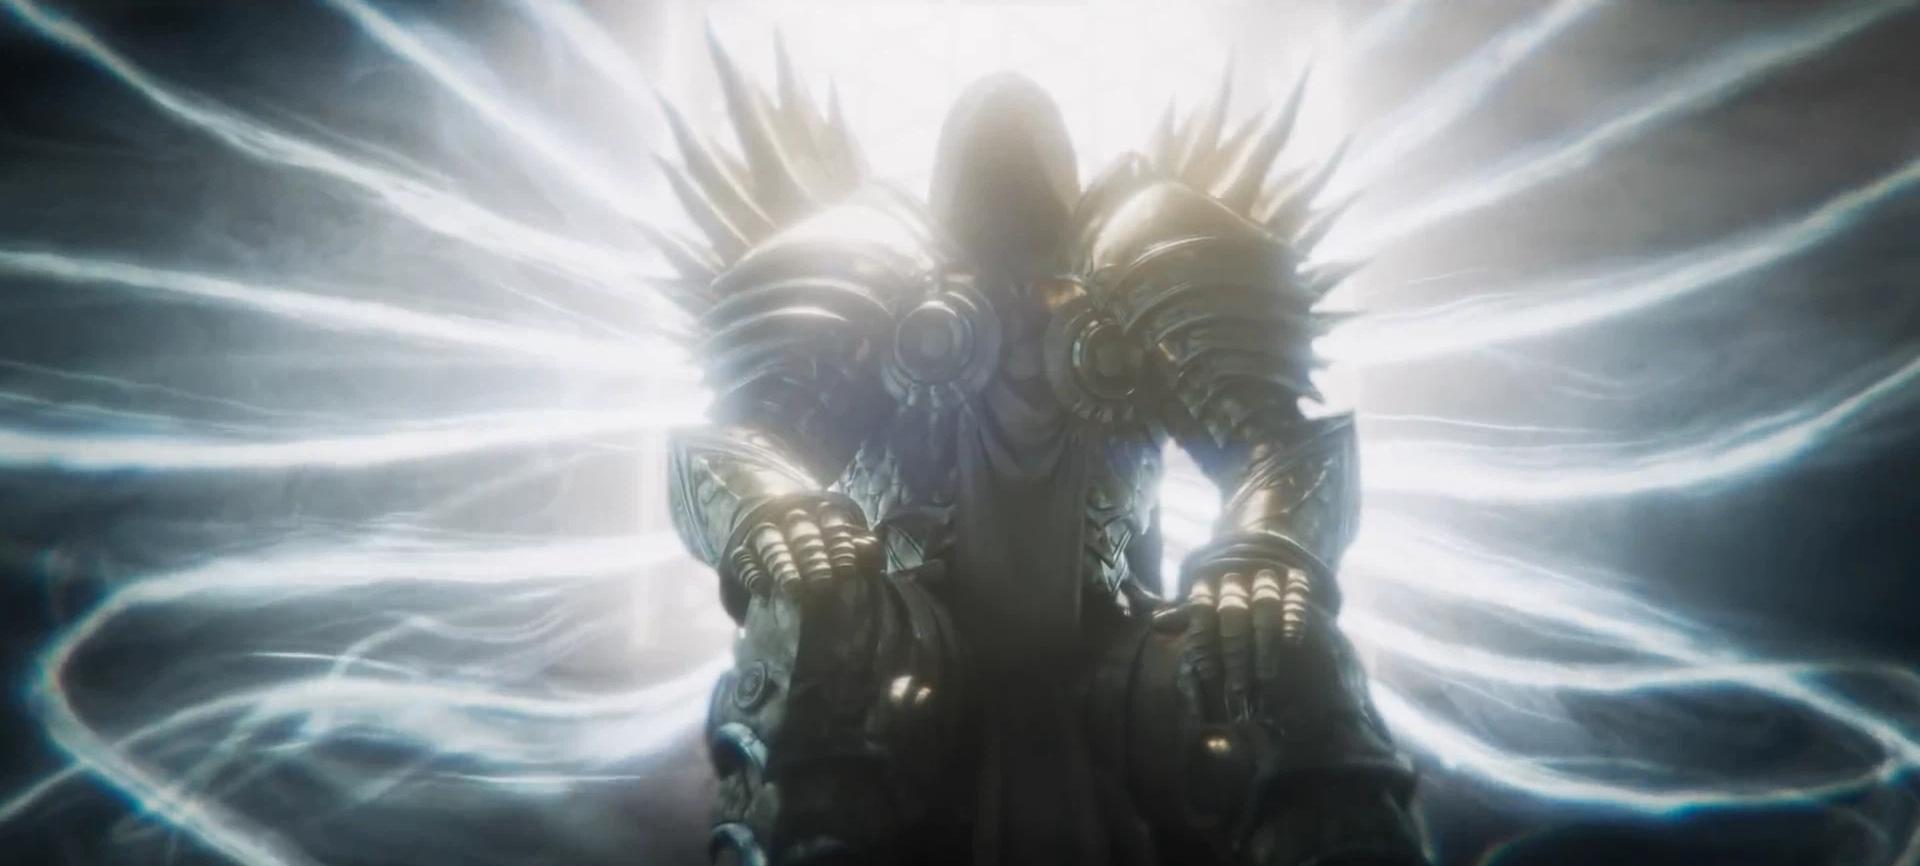 Diablo II: Resurrected không thể hỗ trợ màn ultrawide đúng nghĩa, bởi lẽ màn rộng quá sẽ làm hỏng trải nghiệm chơi - Ảnh 2.